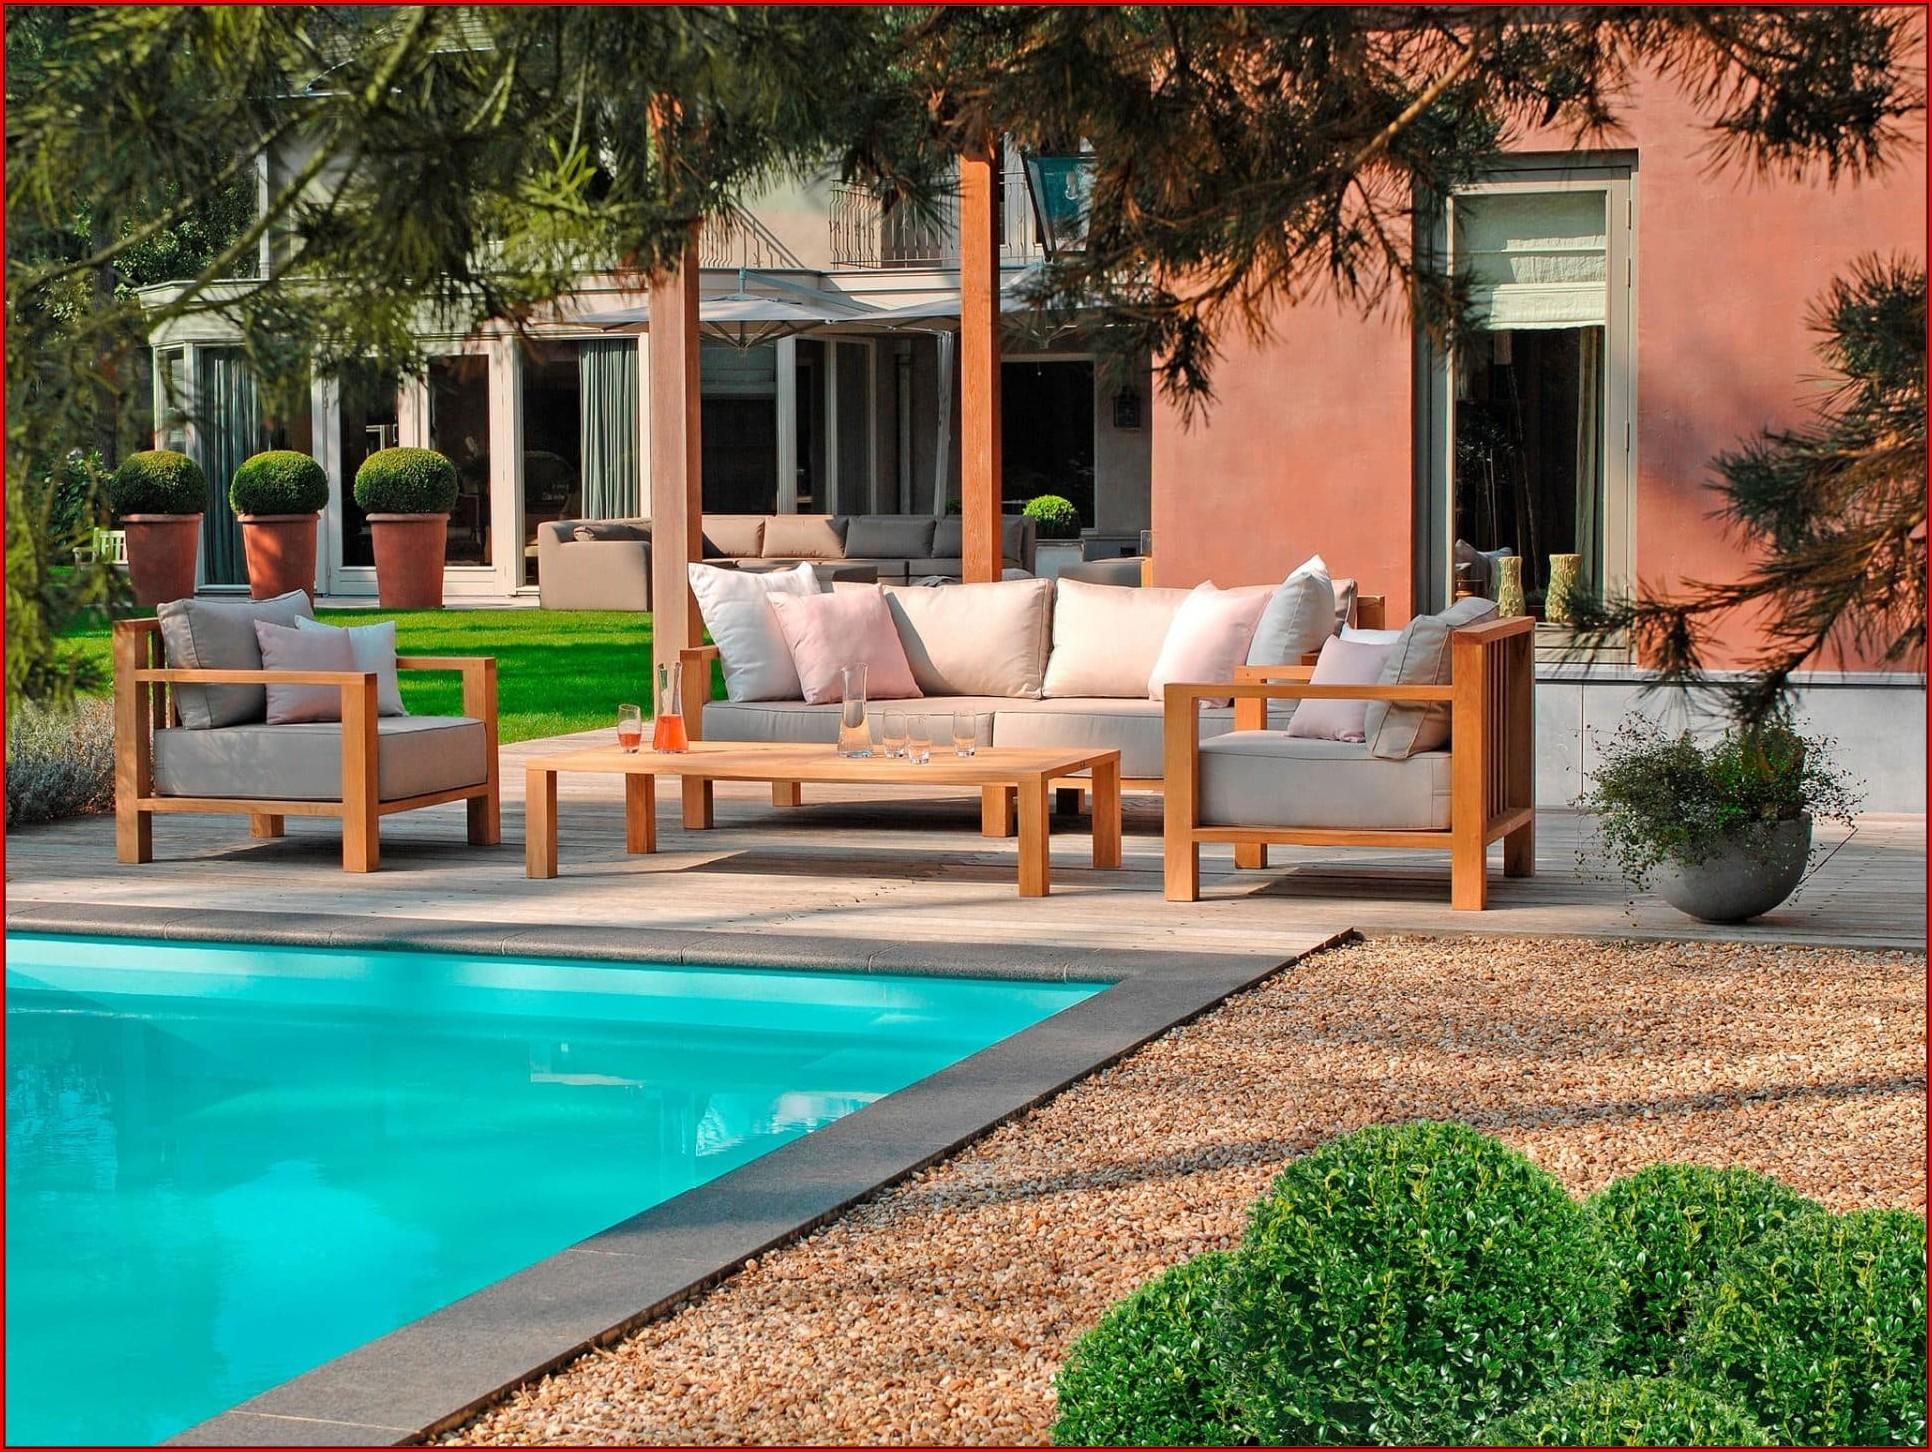 Full Size of Kchengardinen Modern Kchen Terrassengestaltung Ideen Küche Kaufen Ikea Miniküche Betten 160x200 Kosten Bei Modulküche Sofa Mit Schlaffunktion Wohnzimmer Küchengardinen Ikea